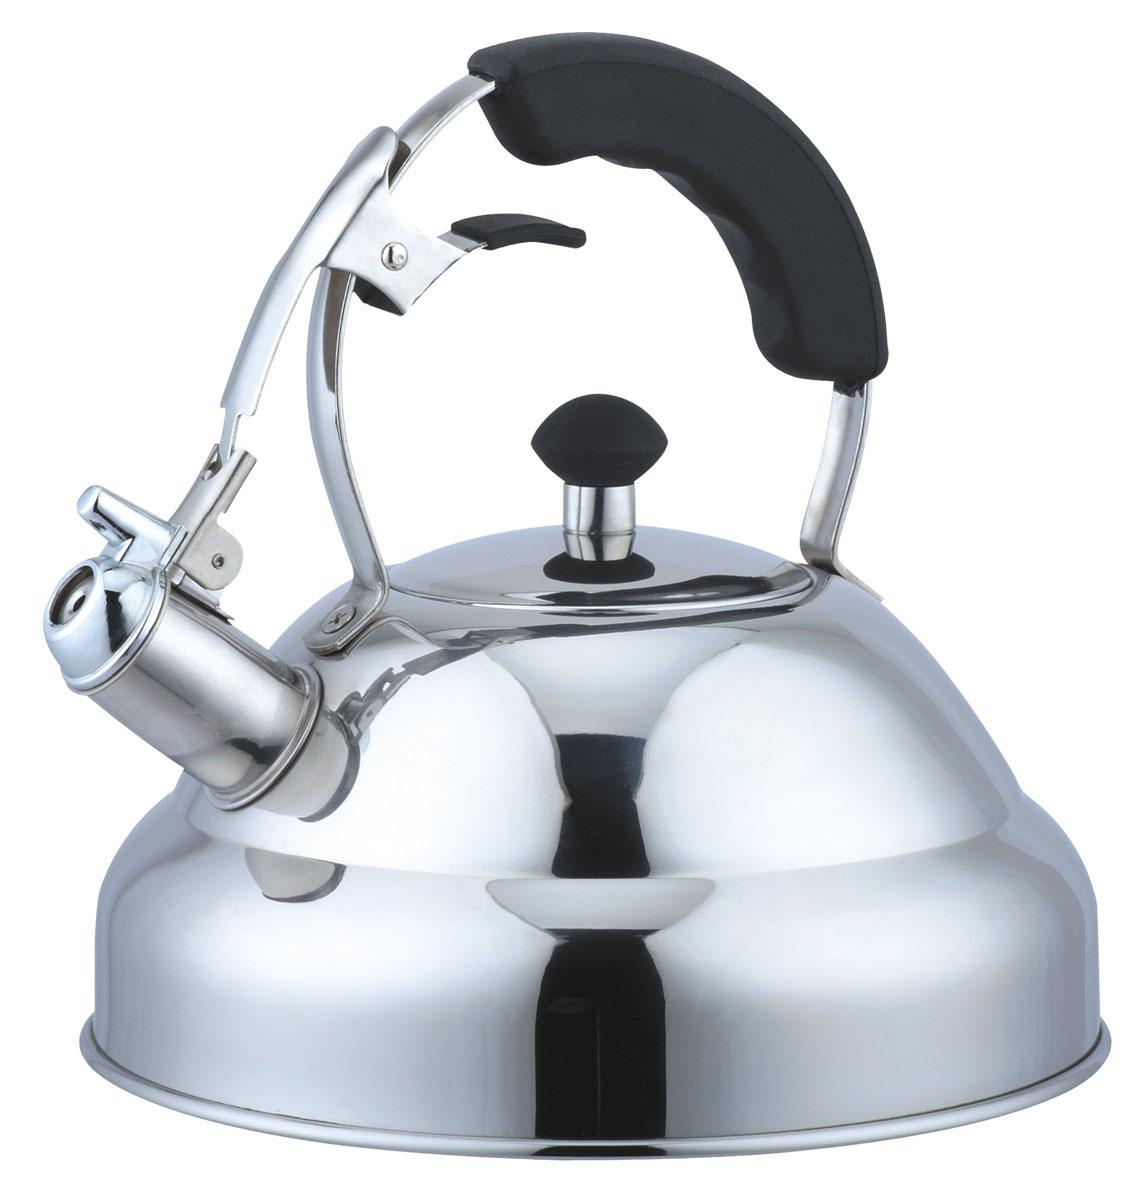 Чайник Bekker Koch со свистком, 3 л. BK-S453BK-S453Чайник Bekker Koch изготовлен из высококачественной нержавеющей стали 18/10 с зеркальной полировкой. Цельнометаллическое дно распределяет тепло по всей поверхности, что позволяет чайнику быстро закипать. Эргономичная фиксированная ручка выполнена из нержавеющей стали с силиконовым покрытием черного цвета. Носик оснащен откидным свистком, который подскажет, когда вода закипела. Свисток открывается и закрывается нажатием рычага на рукоятке. Широкое отверстие по верхнему краю позволяет удобно наливать воду. Подходит для всех типов плит, включая индукционные. Можно мыть в посудомоечной машине.